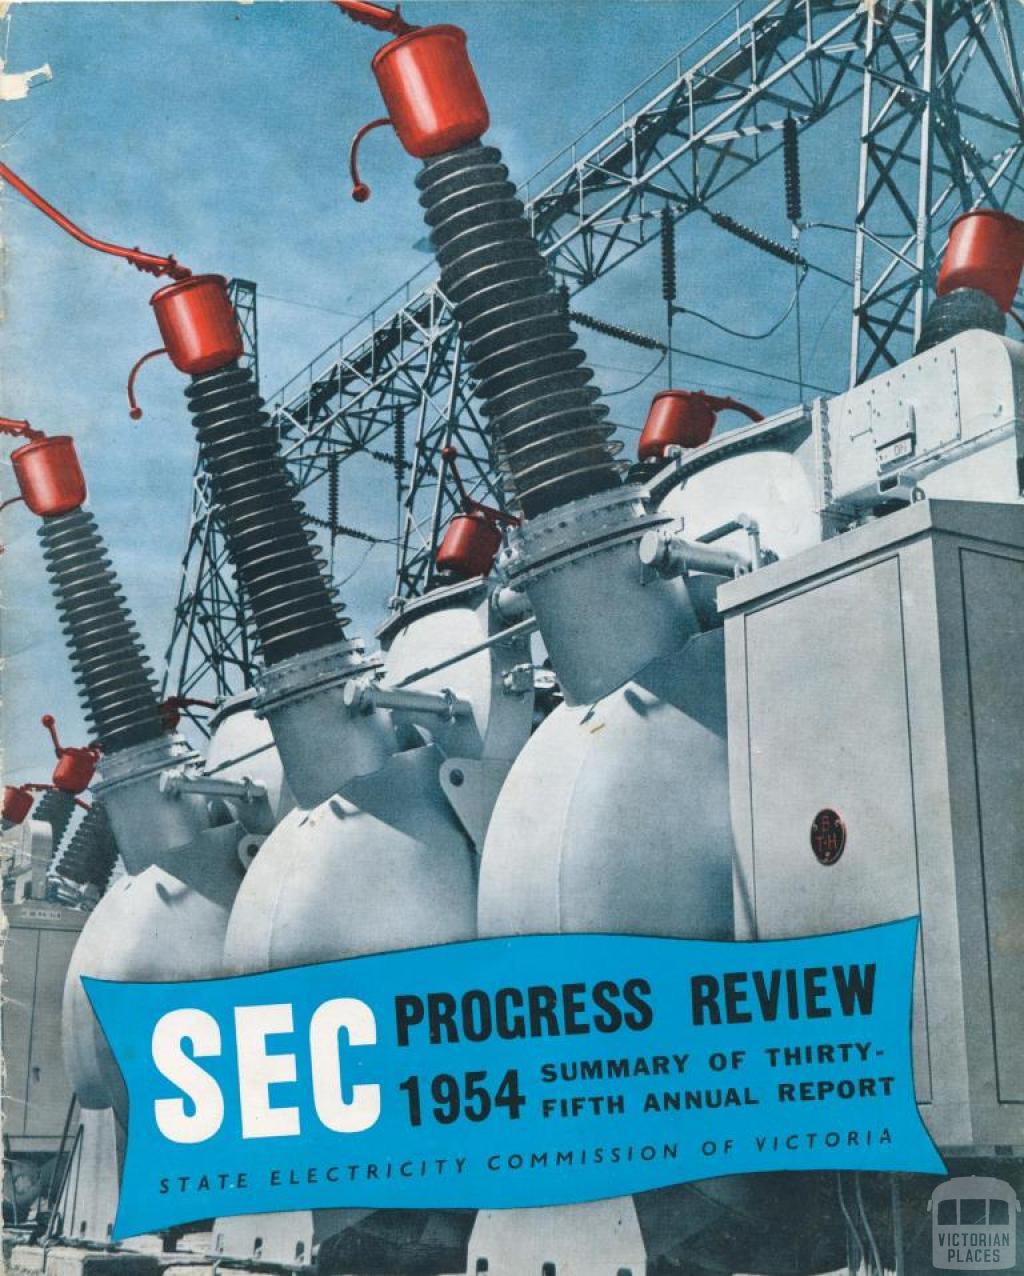 SEC Progress Review, 1954